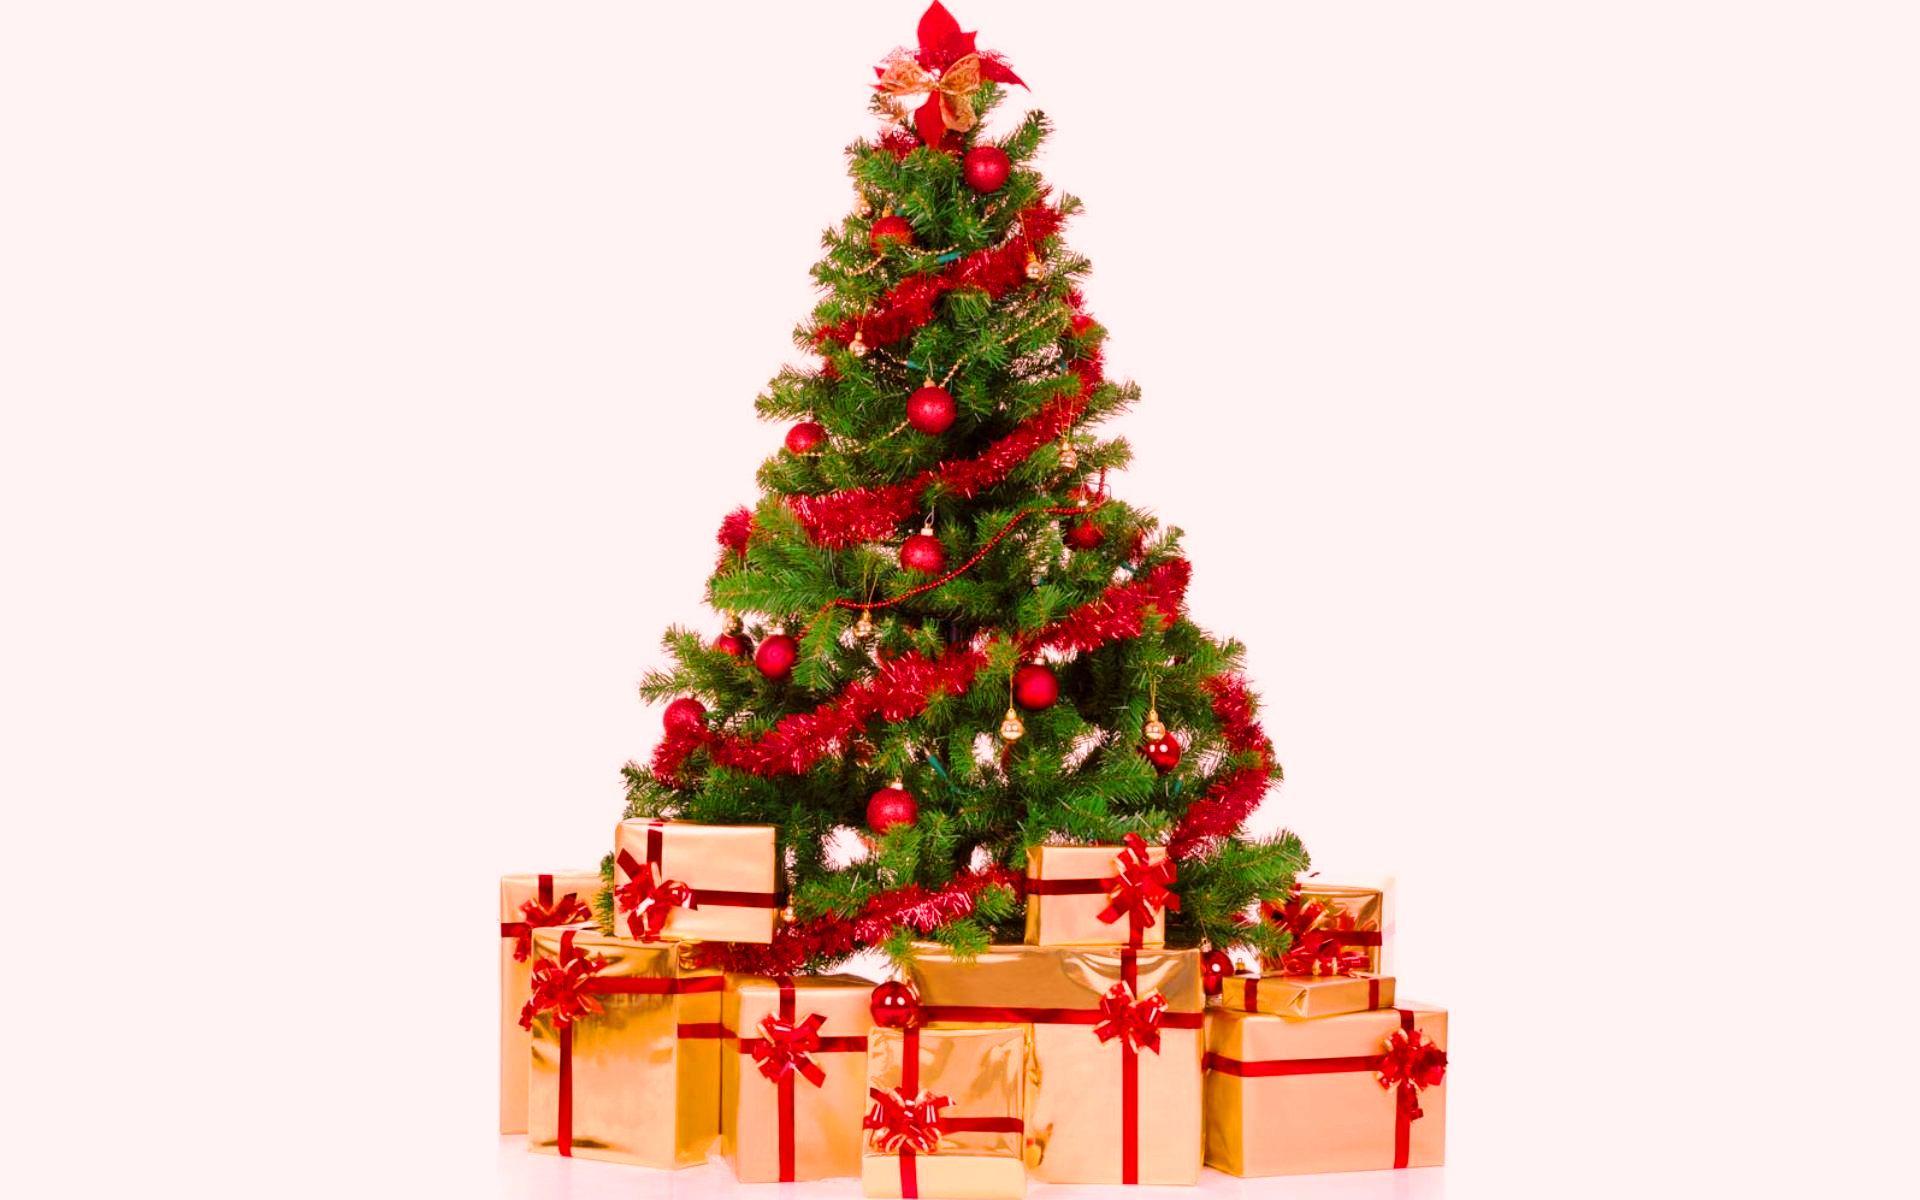 Картинка Елочка с подарками » Новый год » Праздники ...